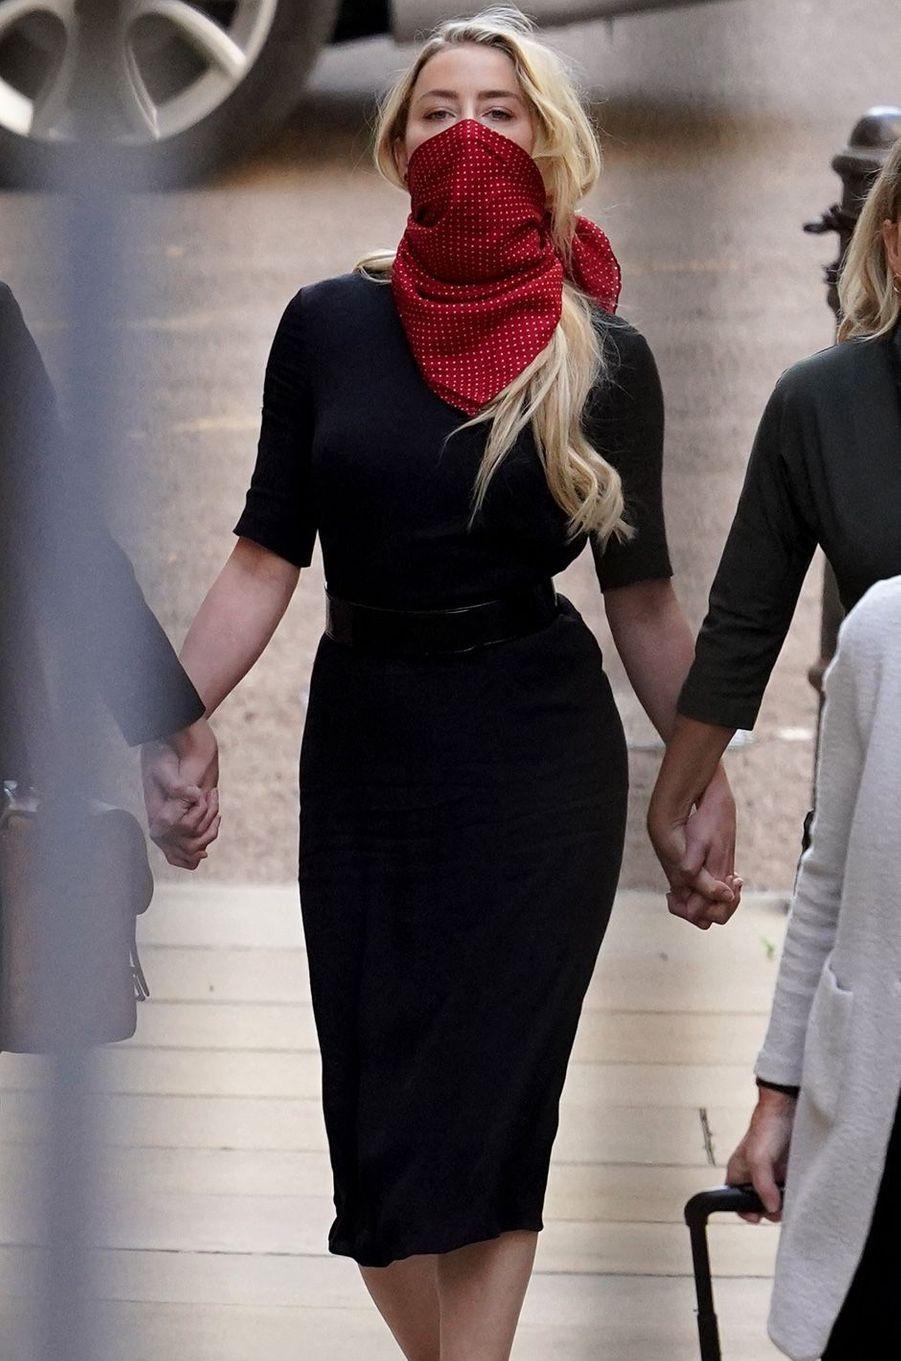 Amber Heard à son arrivée à la cour royale de justice à Londres, pour être entendue dans le procès intenté par son ex-mari Johnny Depp pour diffamation contre le magazine «The Sun» le 7 juillet 2020.